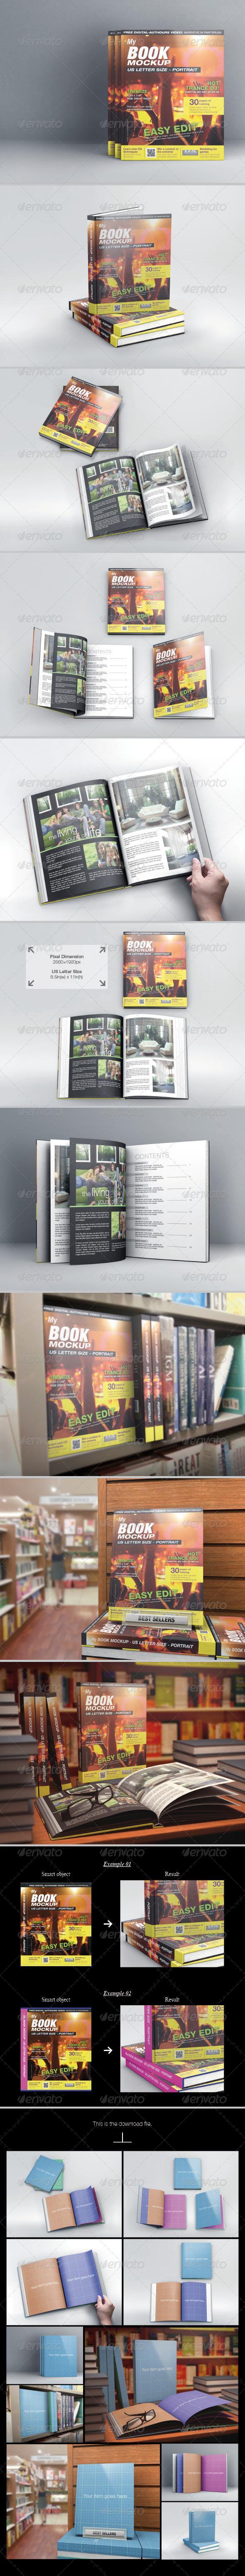 GraphicRiver MyBook US Letter Size Mock-up 6395829